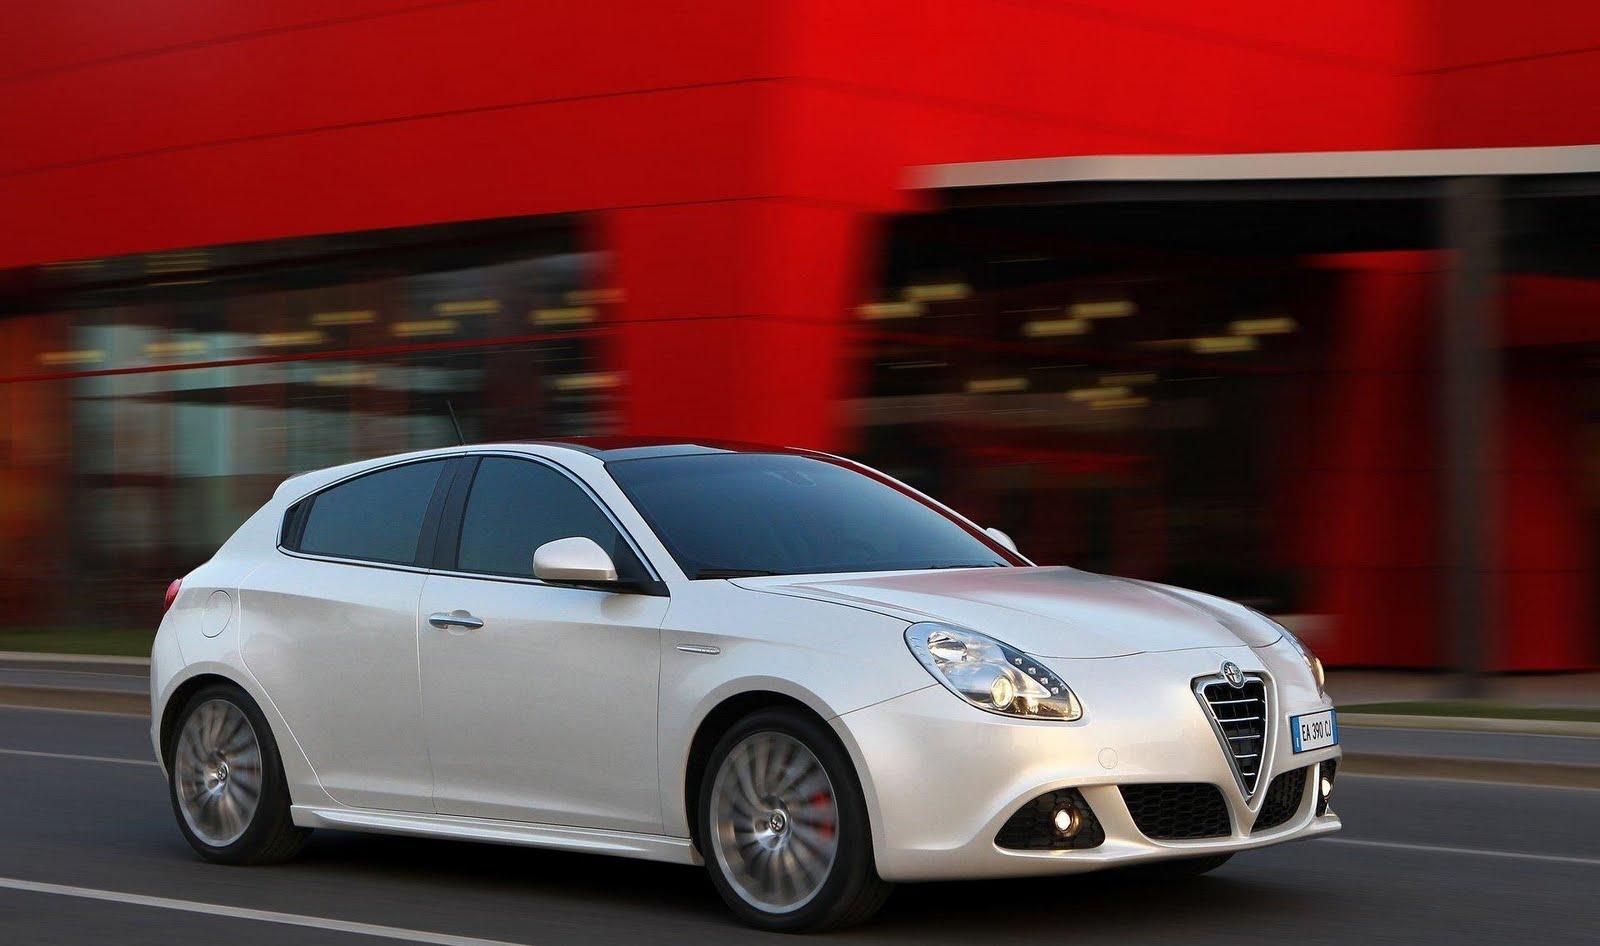 2014 Alfa Romeo 159 Redesign